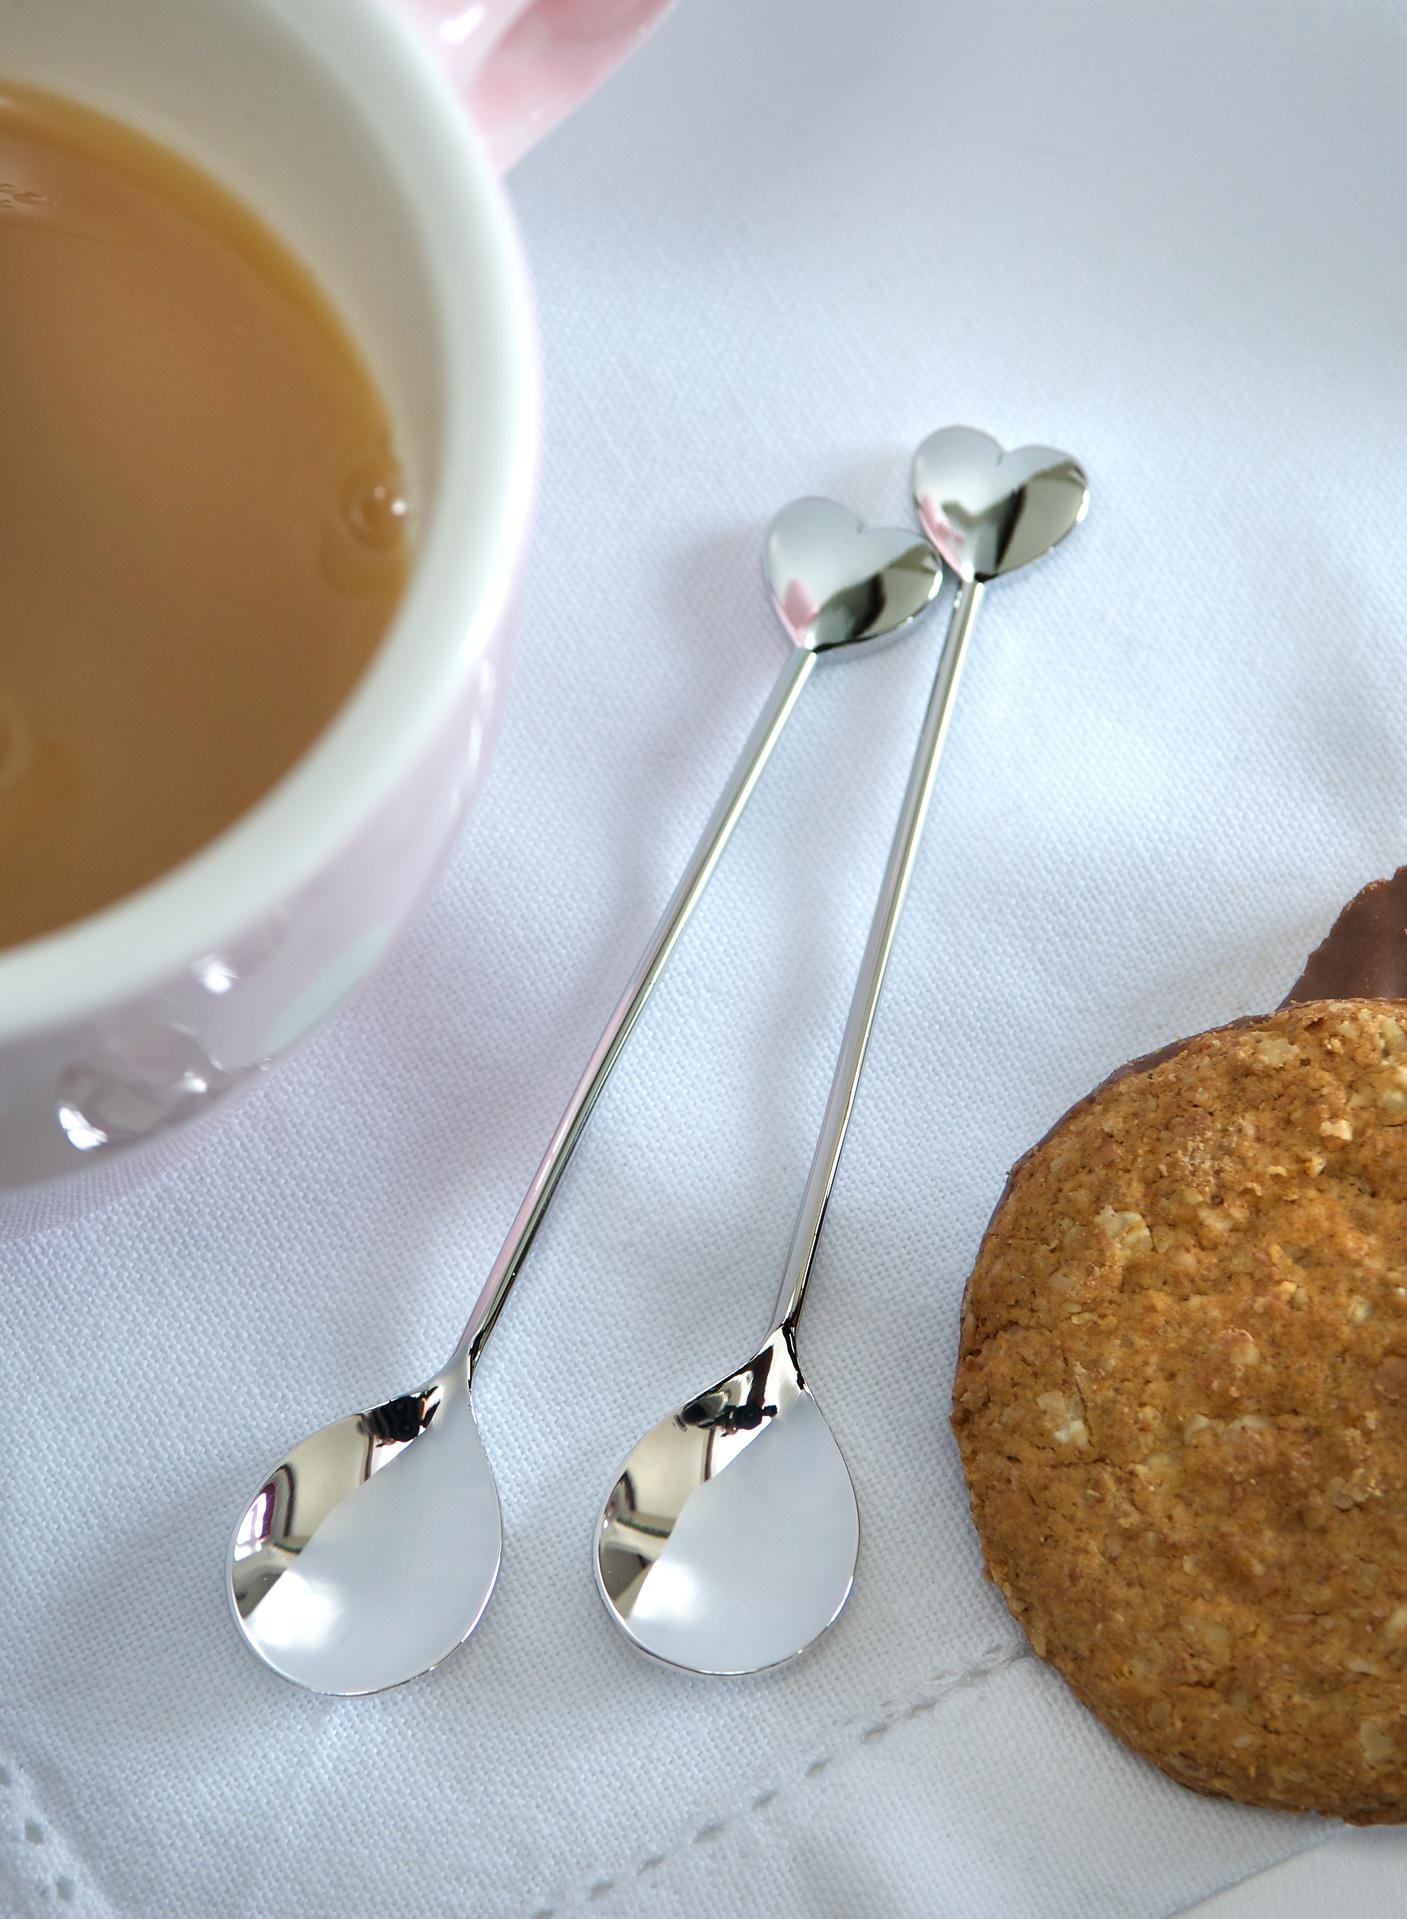 Retreat Home Heart Tea Spoons -